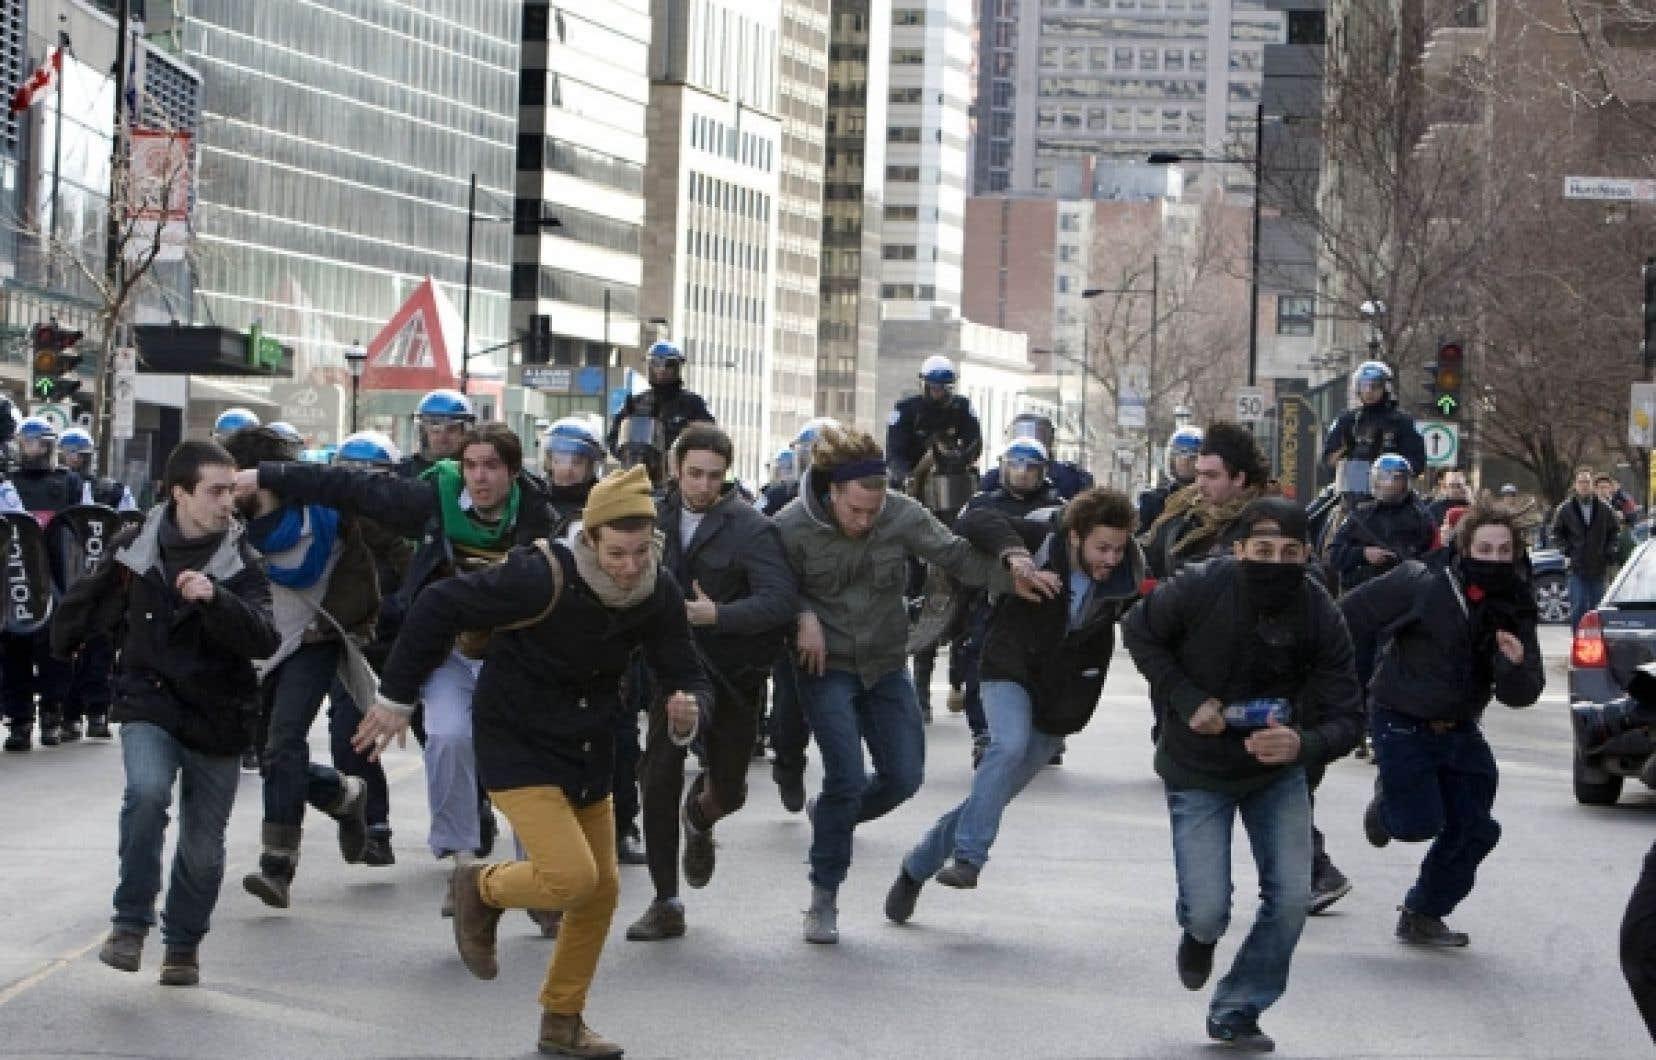 L&rsquo;atmosph&egrave;re &eacute;tait plut&ocirc;t festive au d&eacute;part de la manifestation &eacute;tudiante, mais cela n&rsquo;a pas emp&ecirc;ch&eacute; les policiers d&rsquo;assurer une haute surveillance, &agrave; pied, &agrave; v&eacute;lo, &agrave; cheval et en h&eacute;licopt&egrave;re.<br />